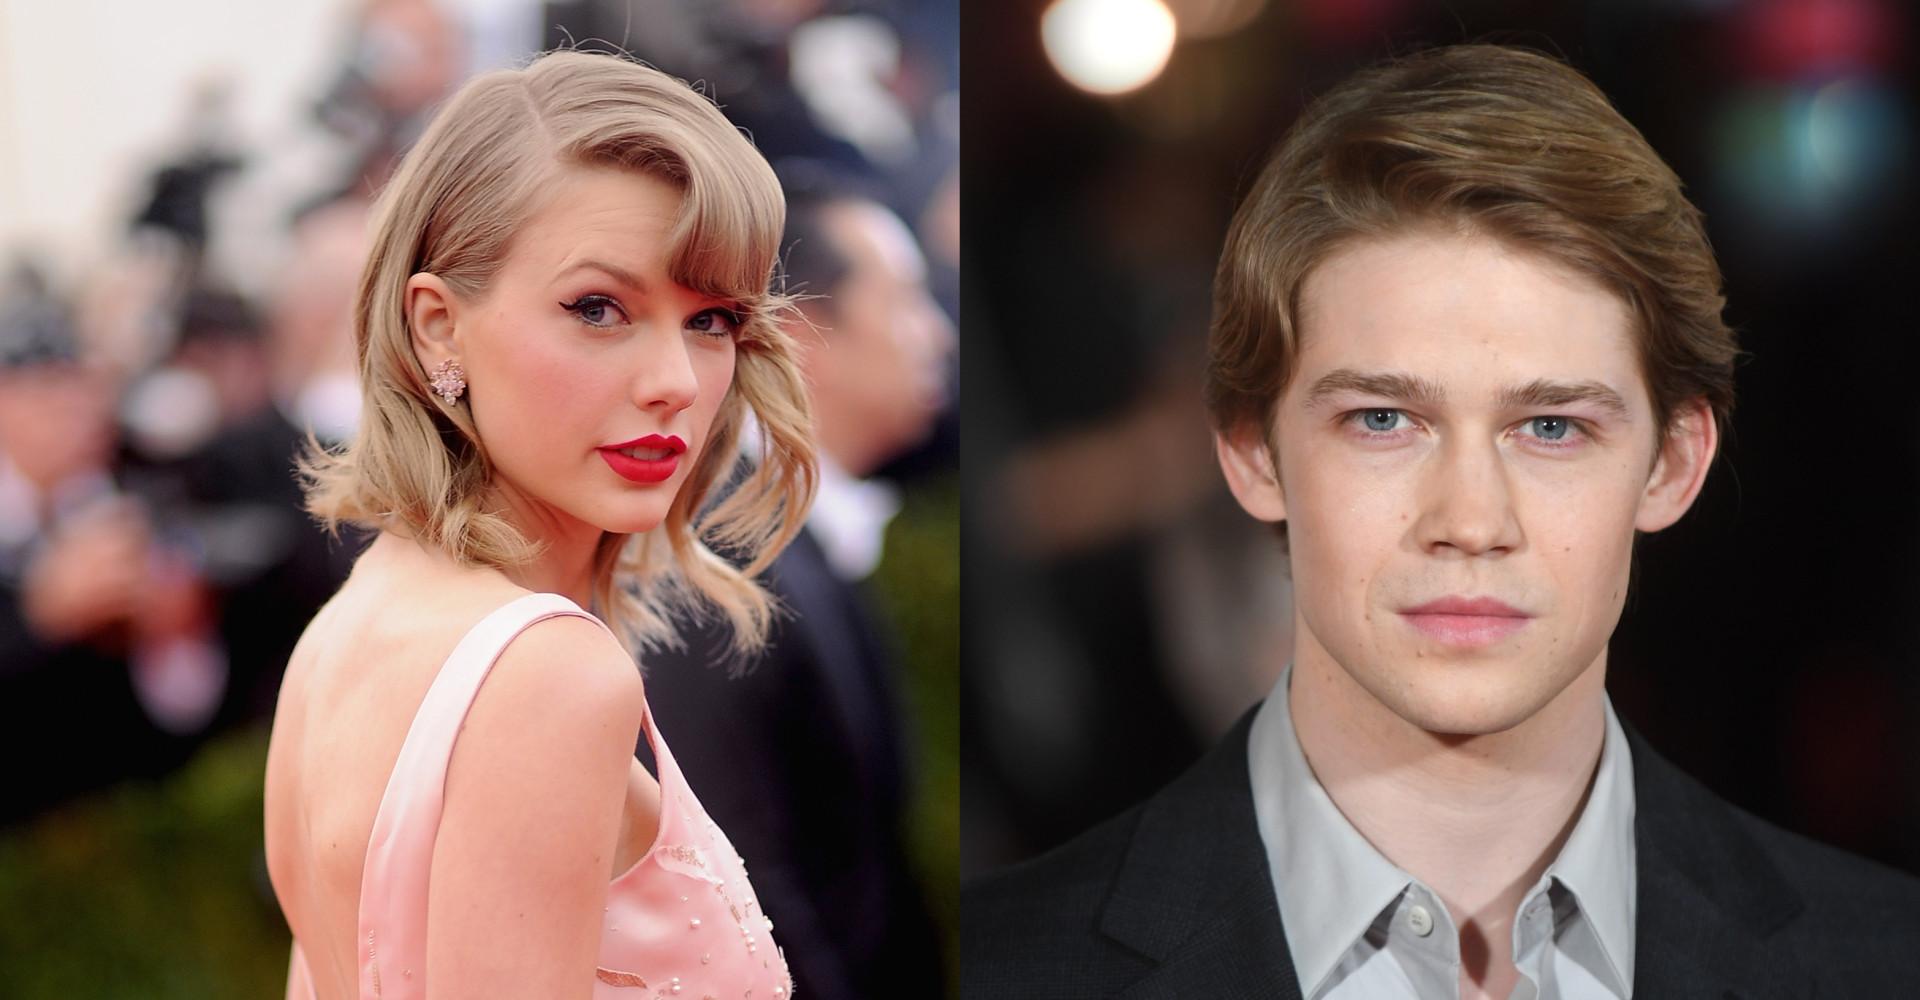 Taylor Swift's boyfriend Joe Alwyn shuts down relationship probes